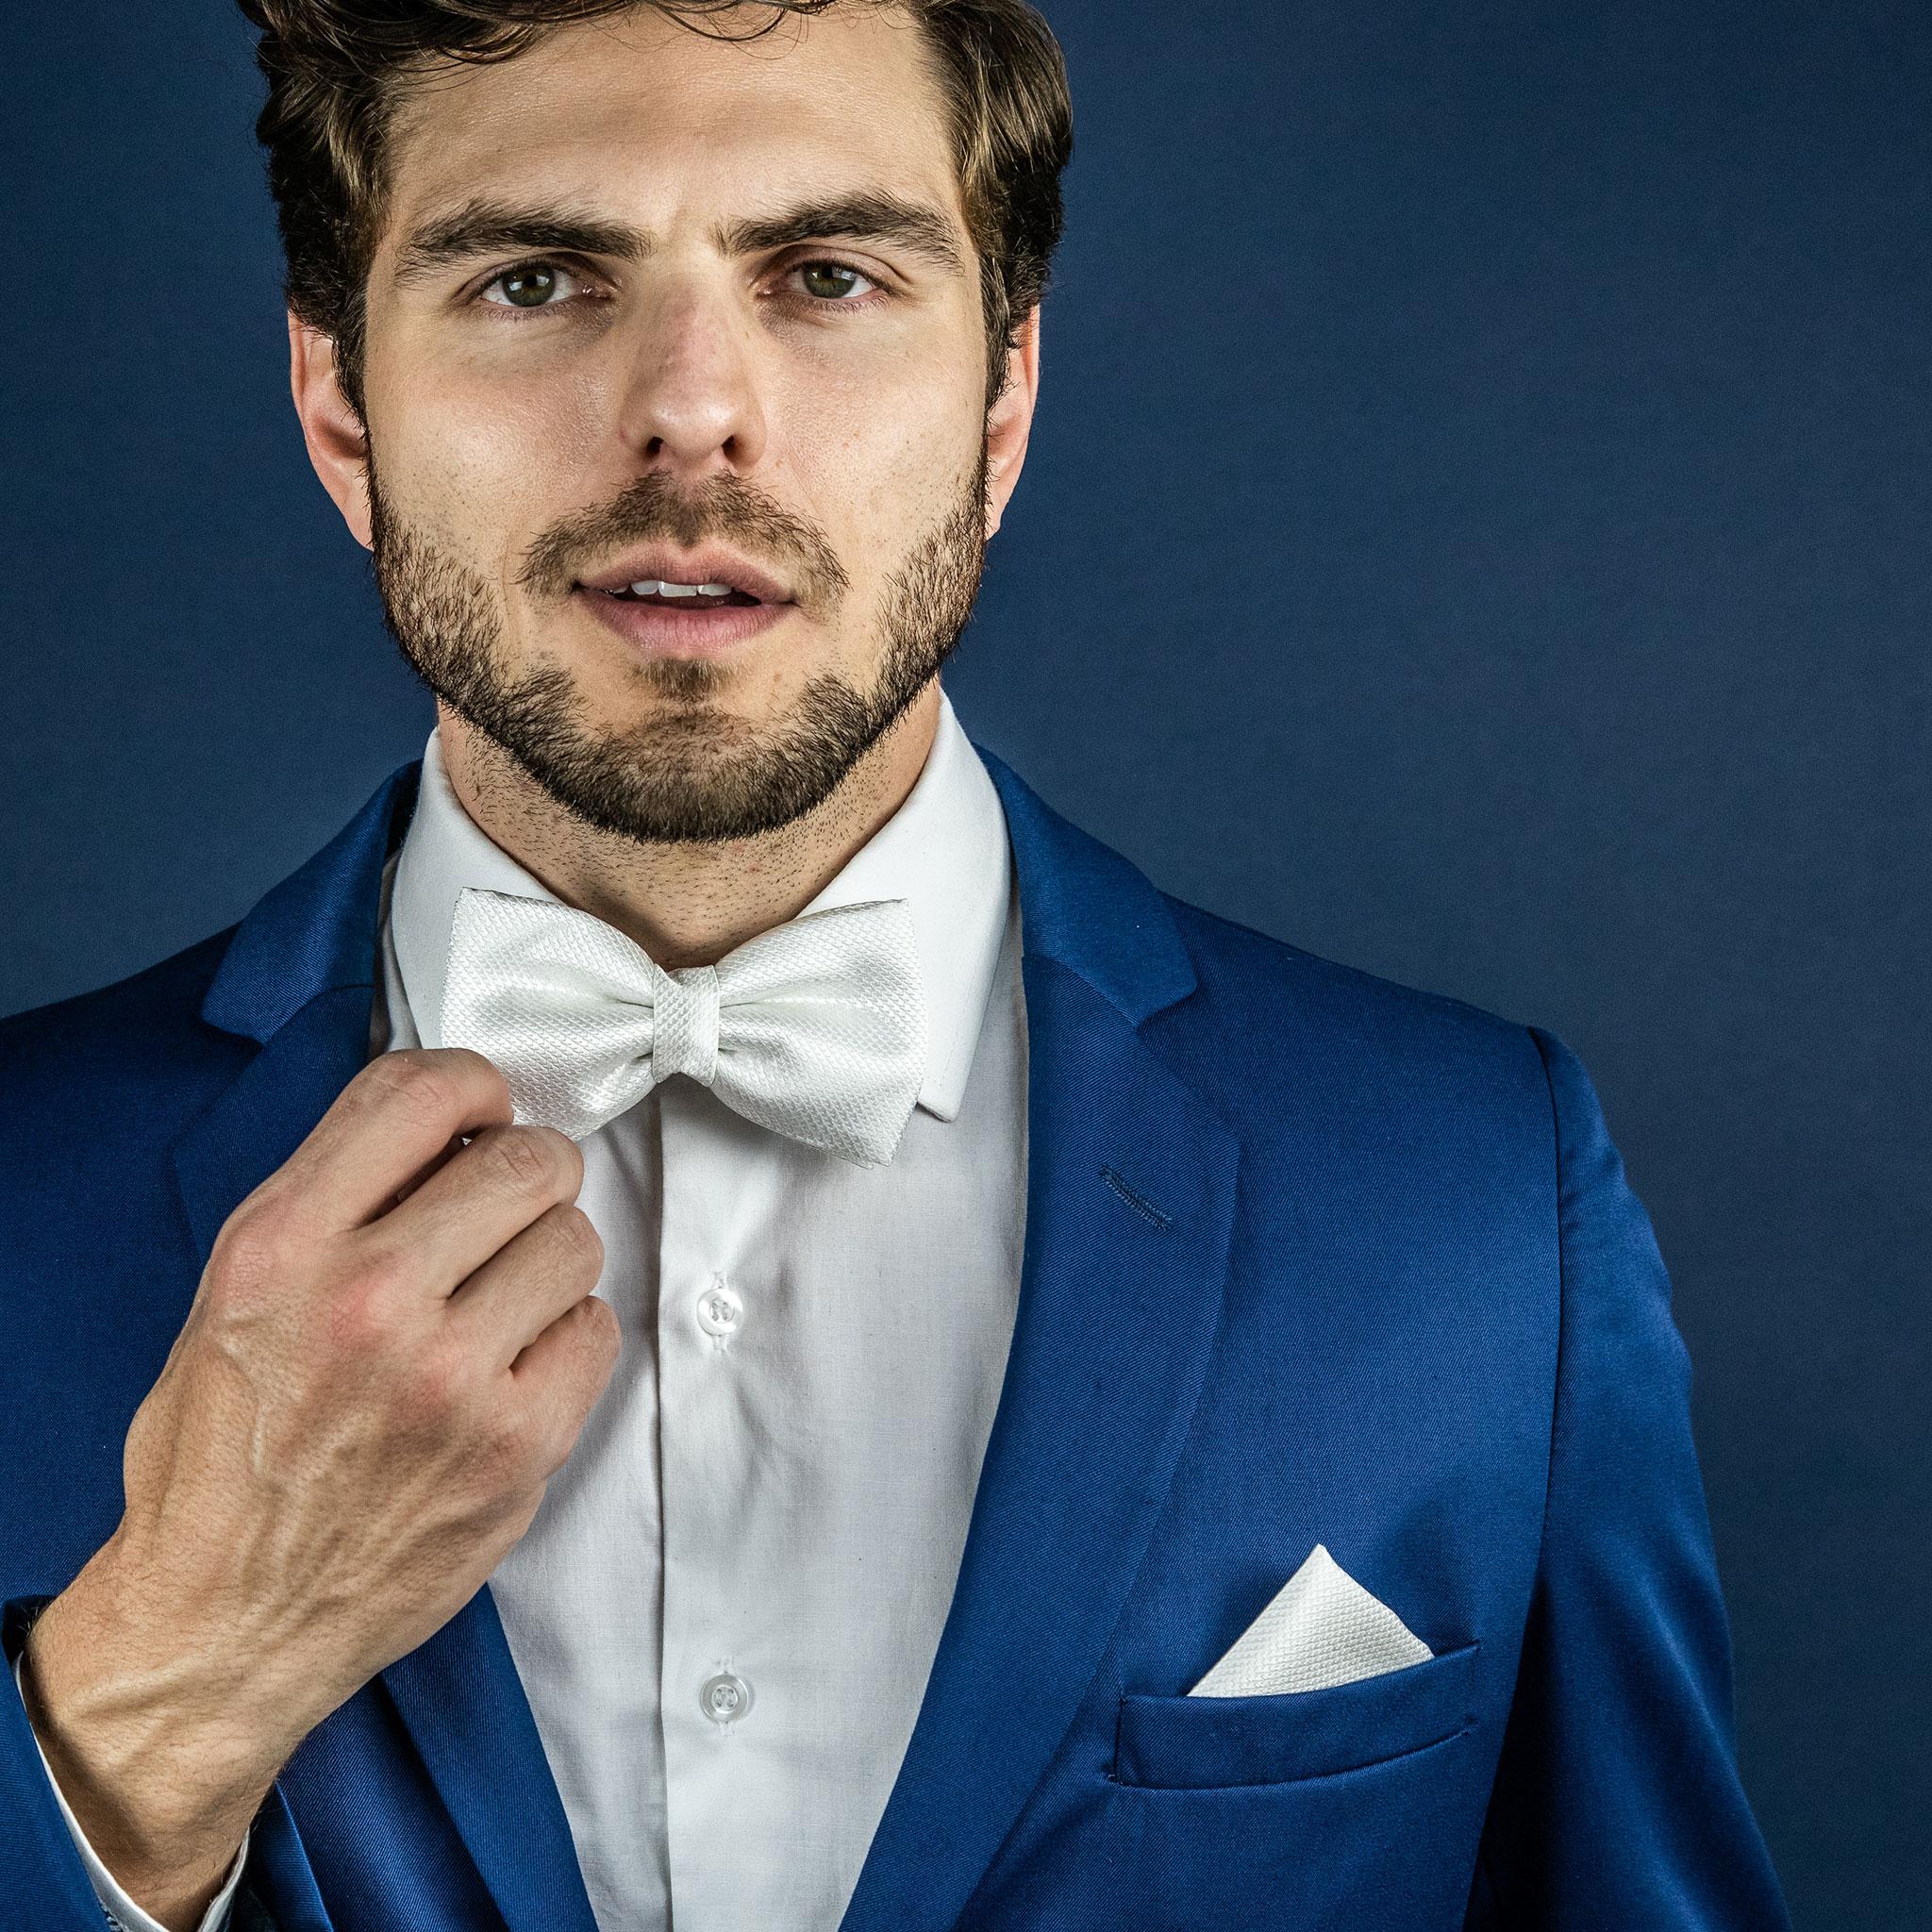 gravata branca para o noivo